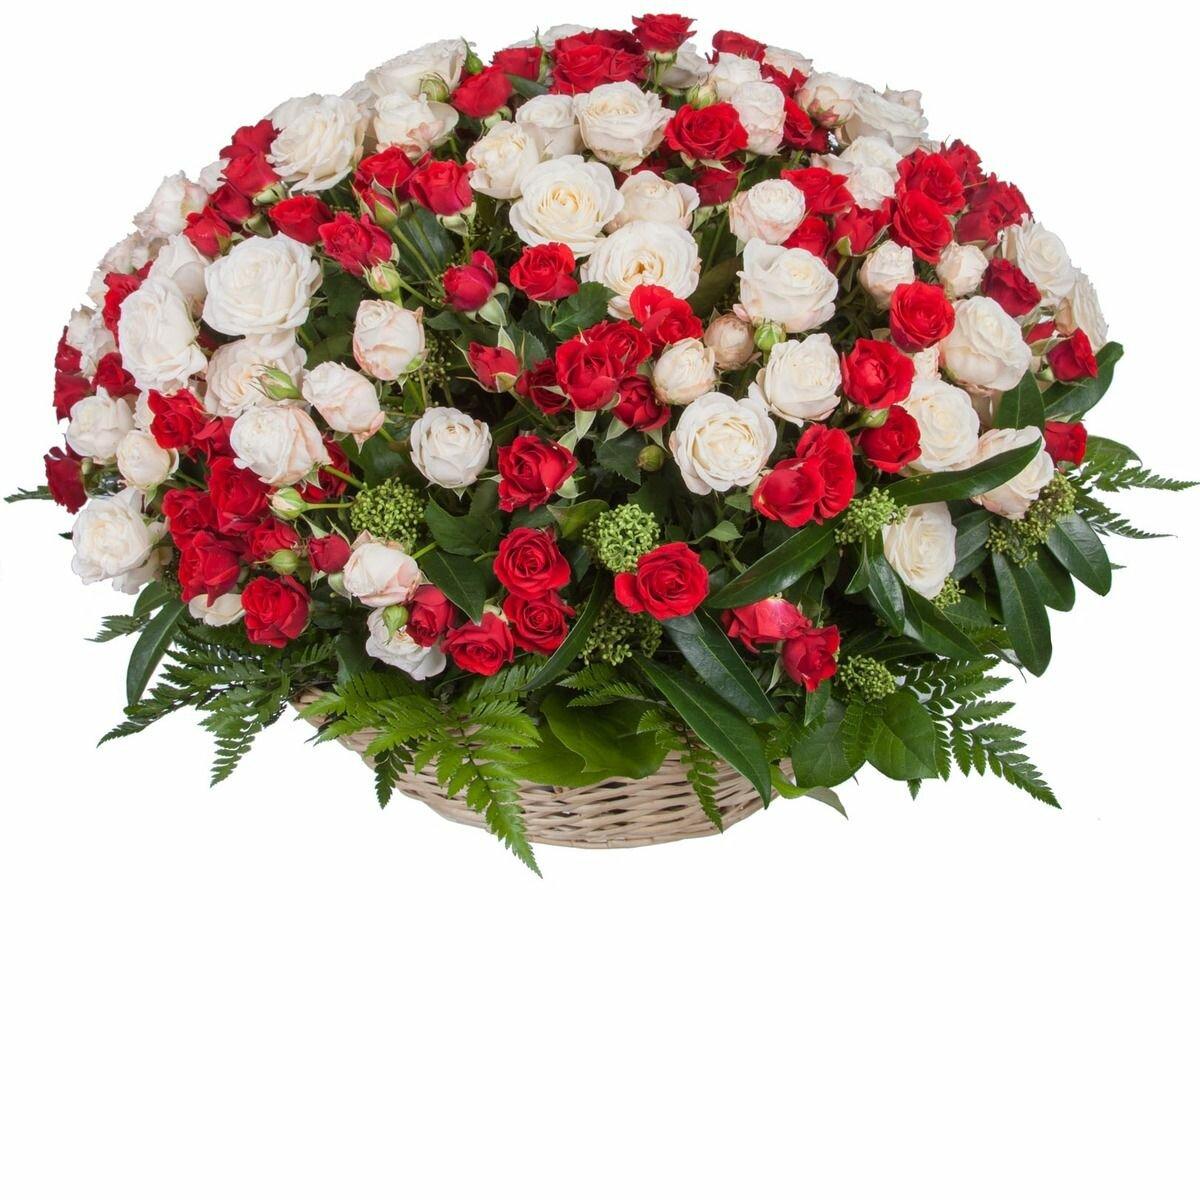 Цветы для прекрасной дамы картинки